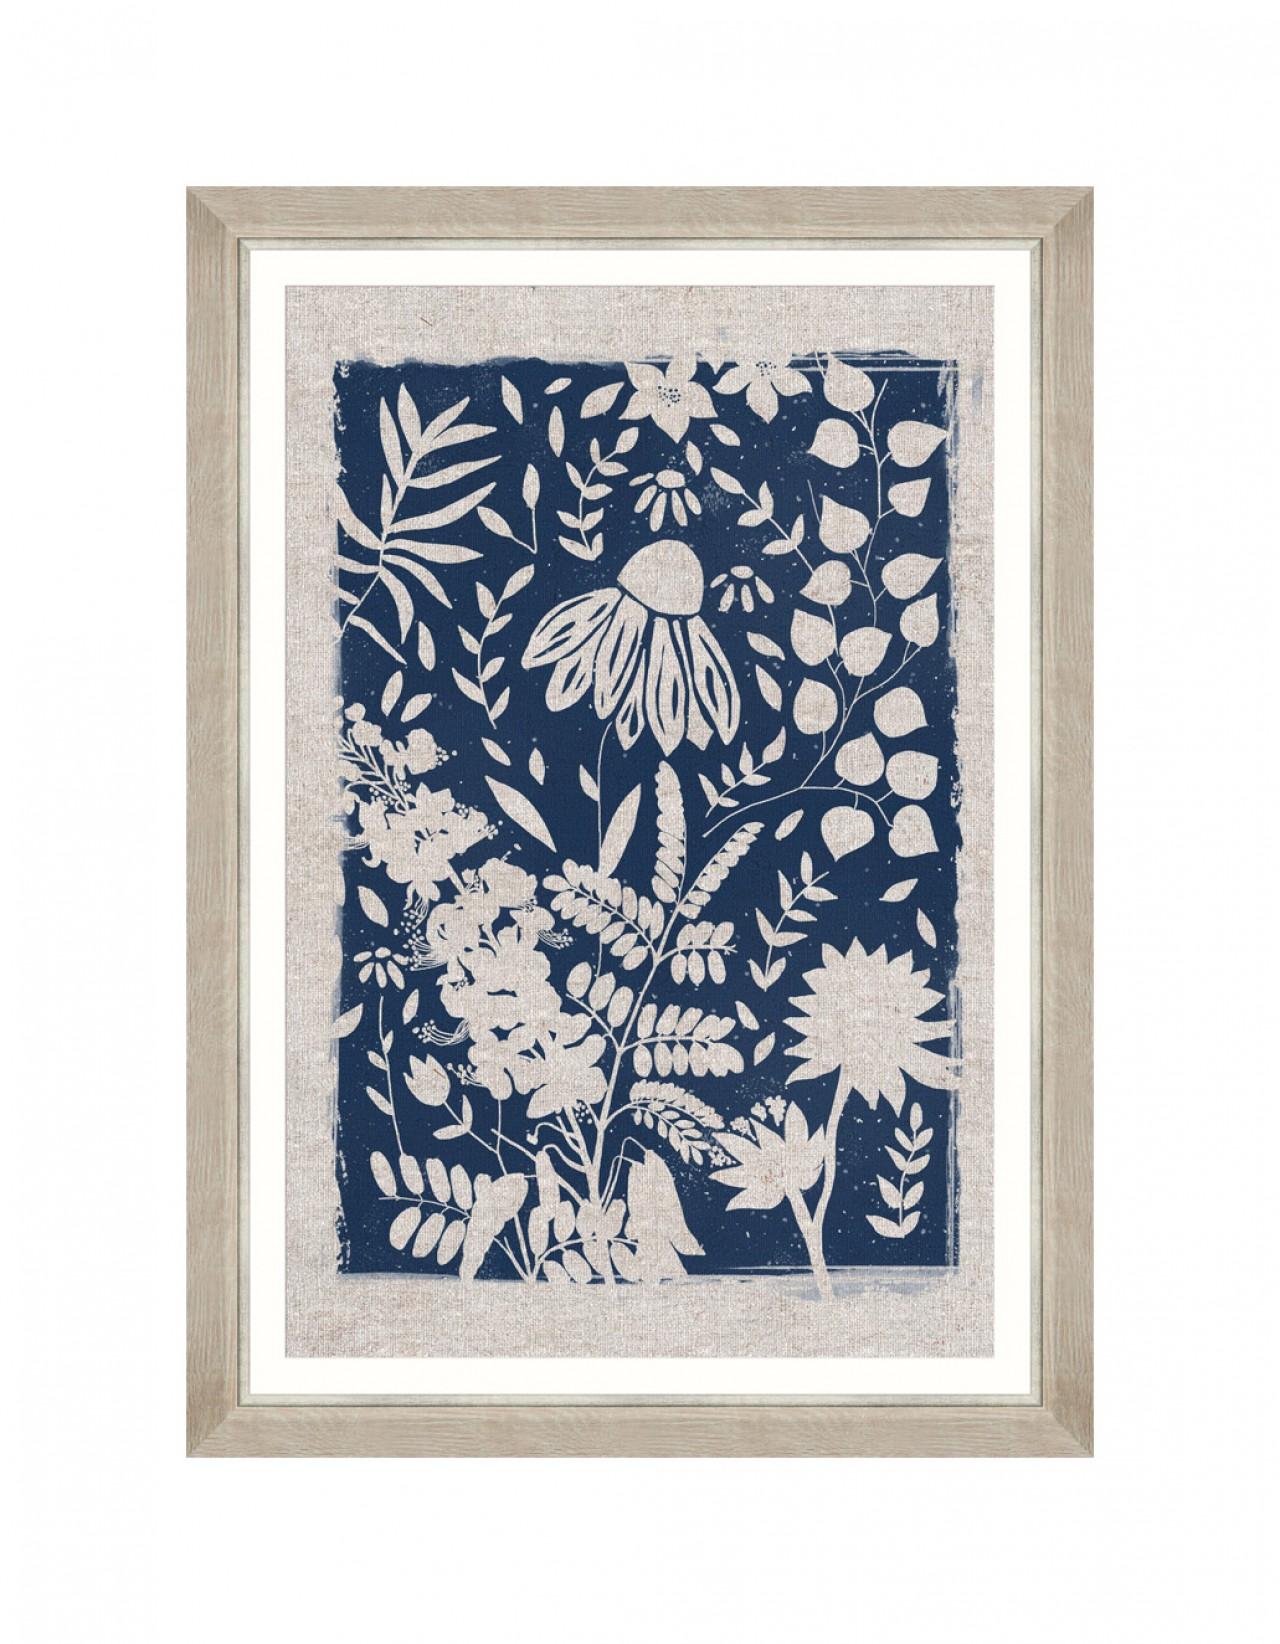 Linocut Florals III Framed art